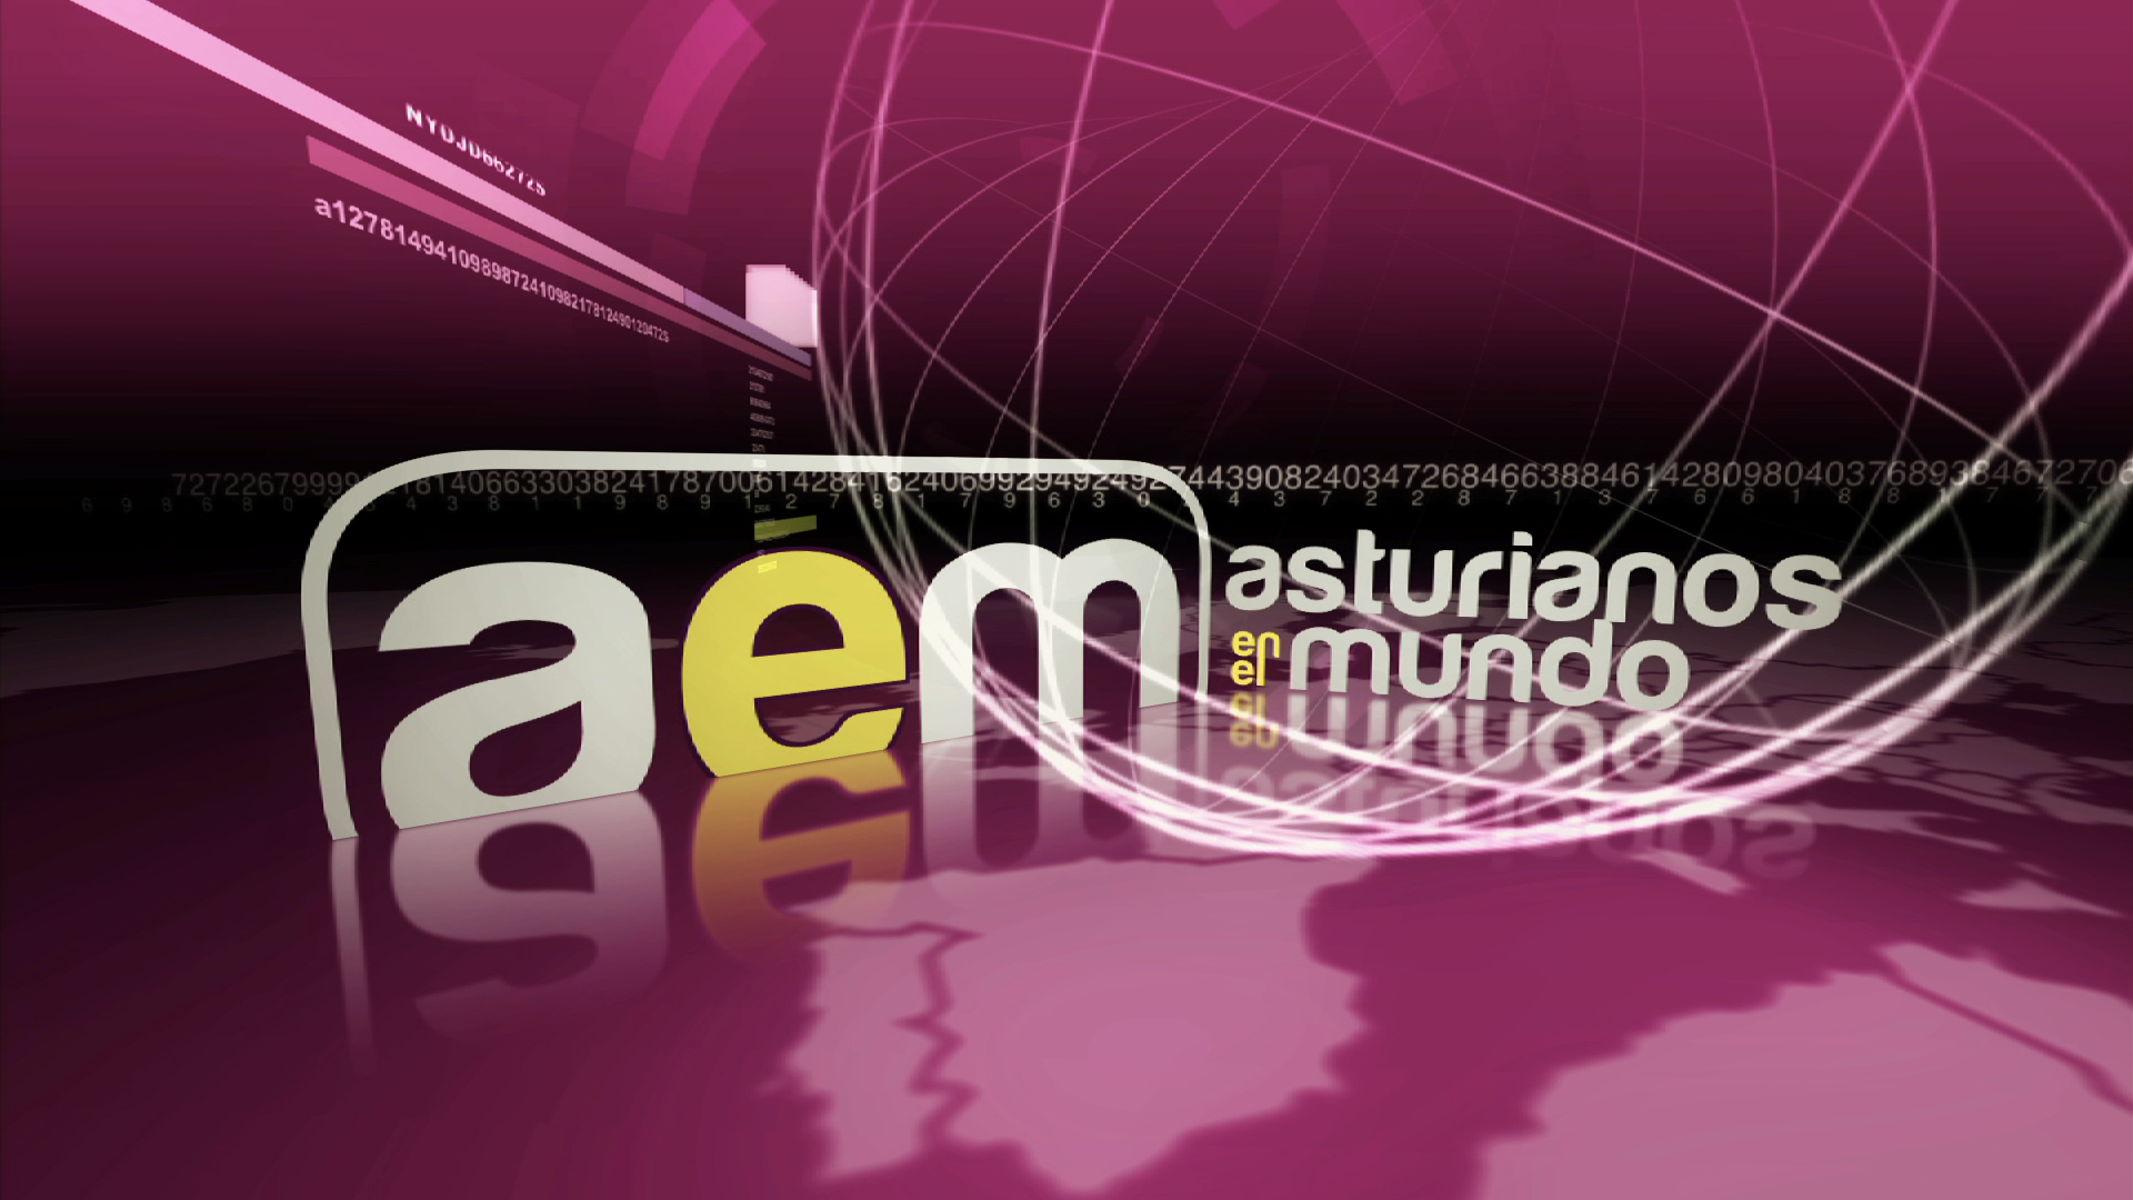 """""""Asturianos en el mundo"""" se consolida como la opción más vista en Asturias"""